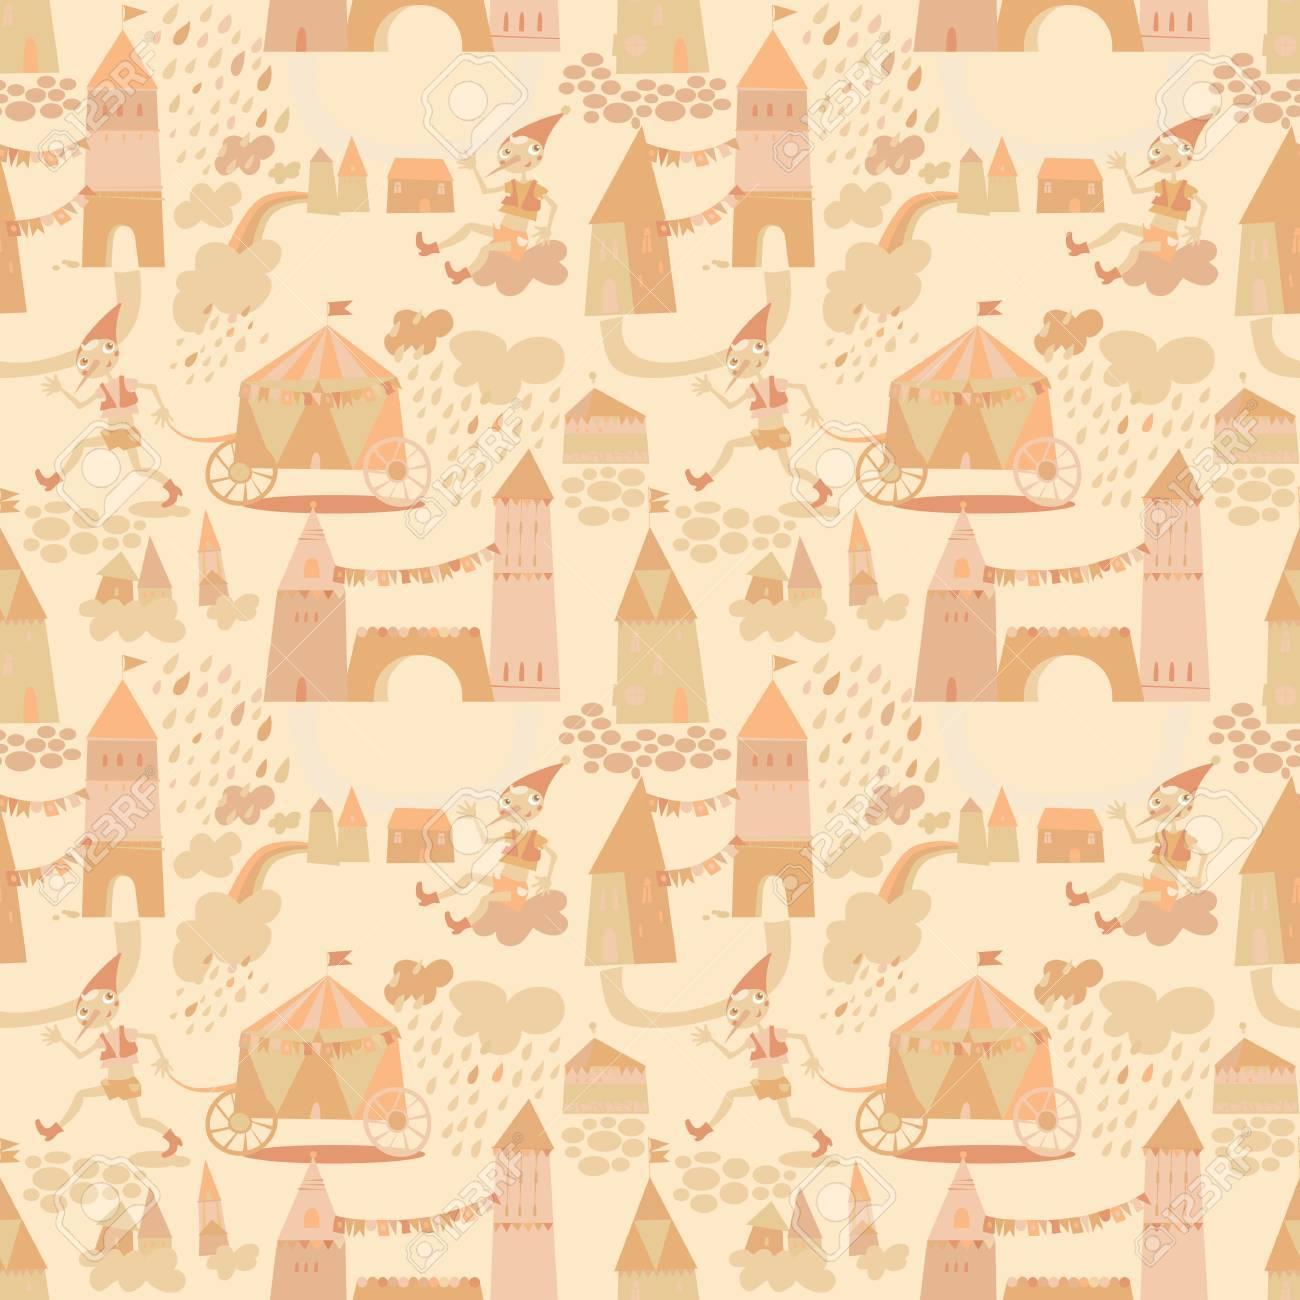 Carta Da Parati Bambini Texture.Vettoriale Seamless Pattern Con Case Per Bambini Sfondo